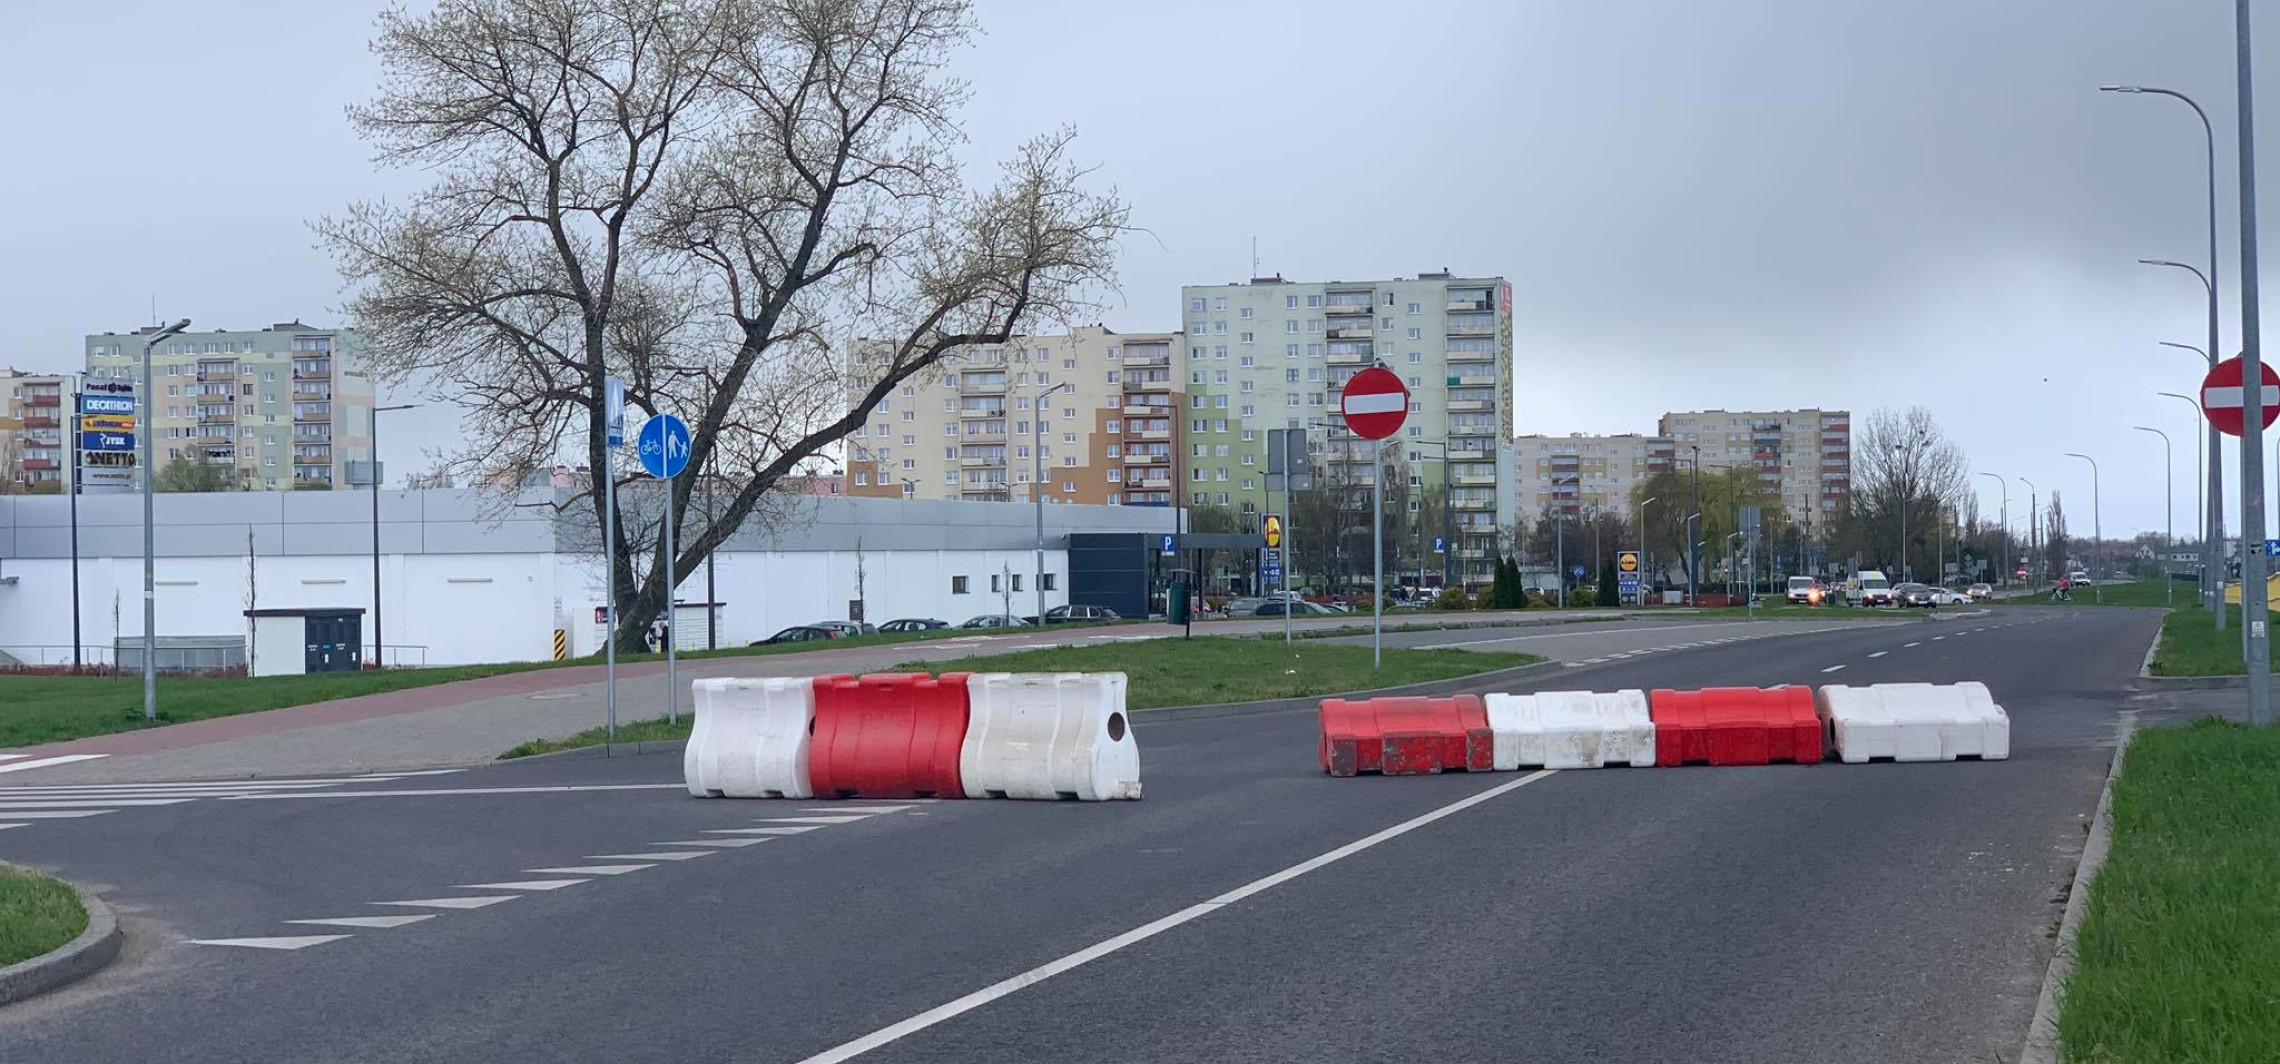 Wiatr przewrócił separatory na ulicy Glempa